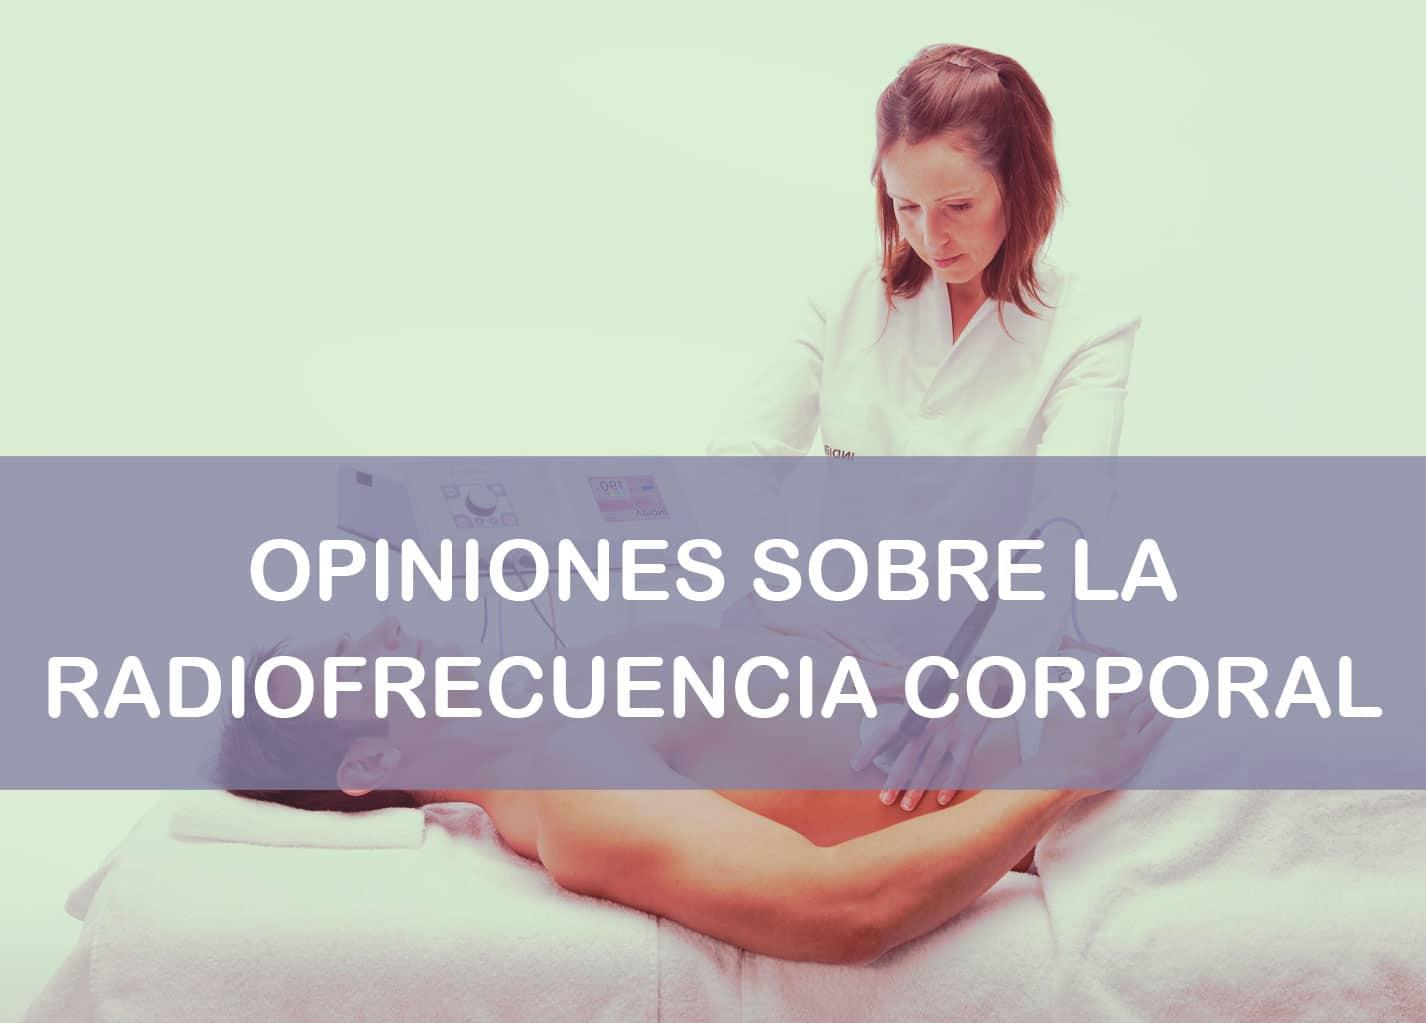 radiofrecuencia corporal opiniones